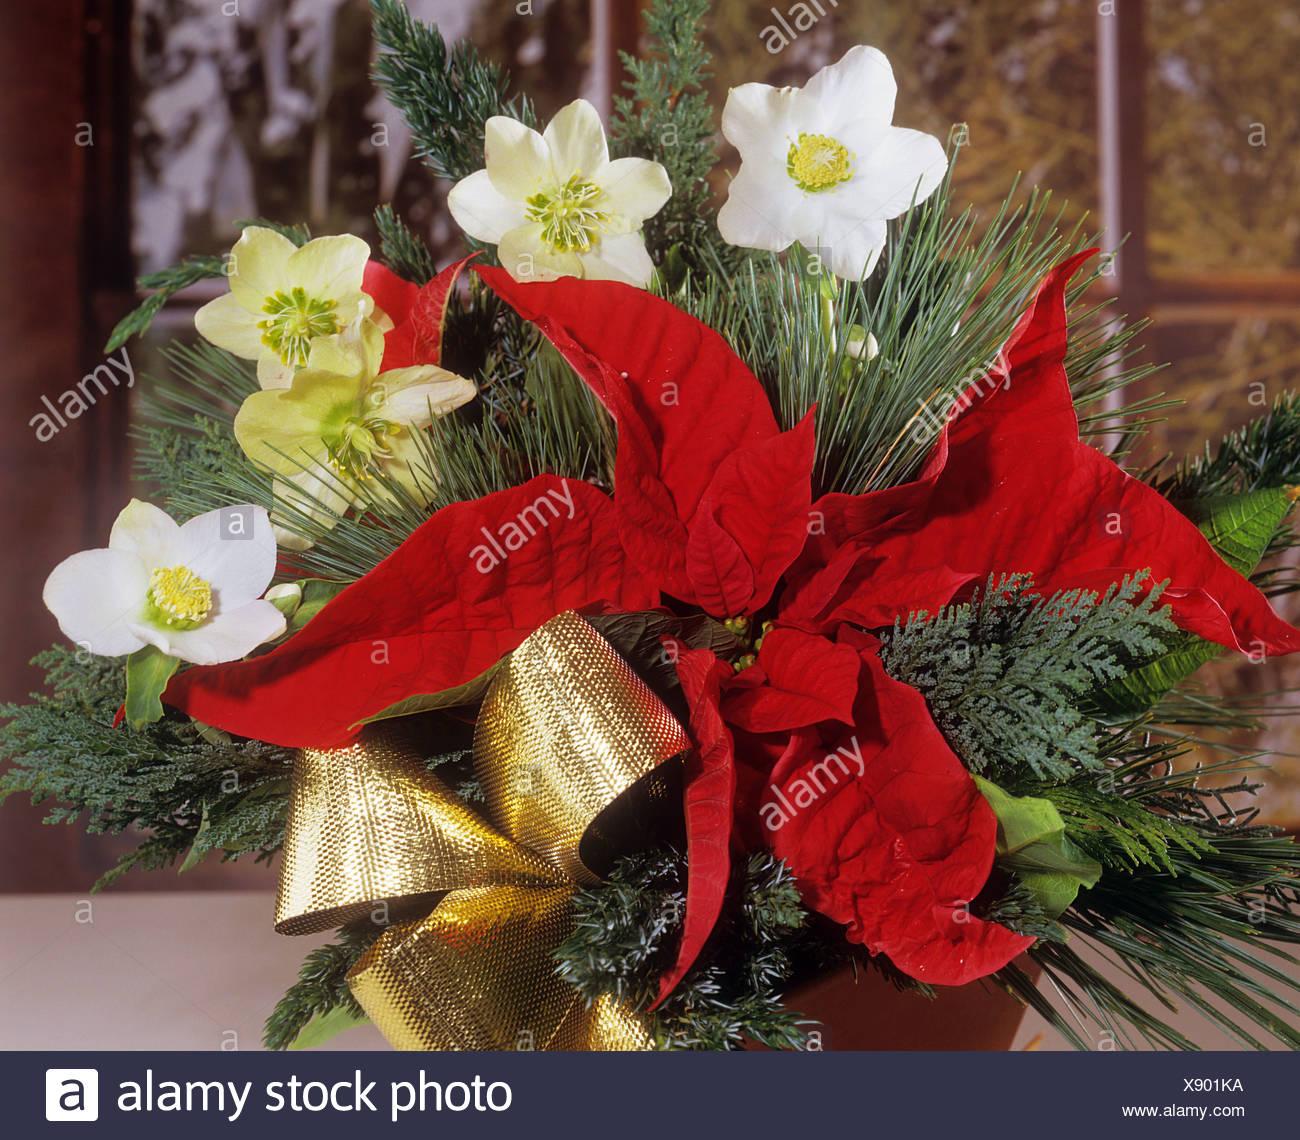 Bukett: Weihnachten Rosen mit Weihnachtsstern Stockfoto, Bild ...